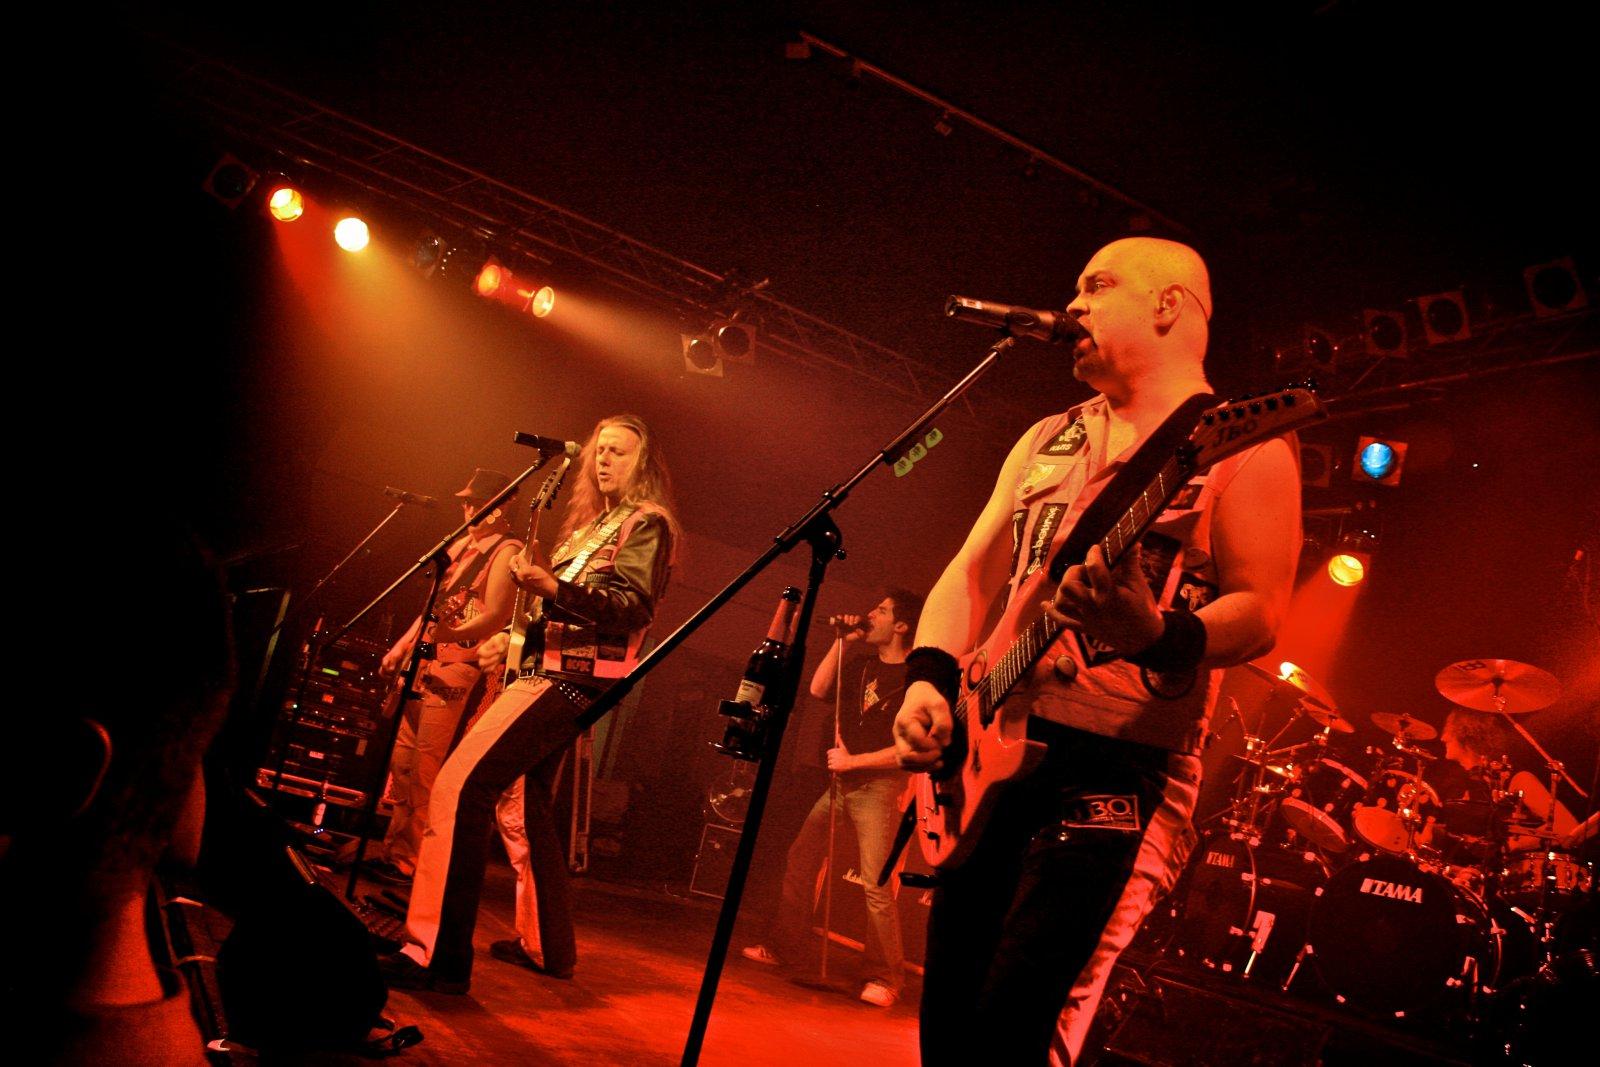 J.B.O. - Lennestadt Sauerlandhalle, 15.05.2010 - Foto von Marc Schwellenbach - 097